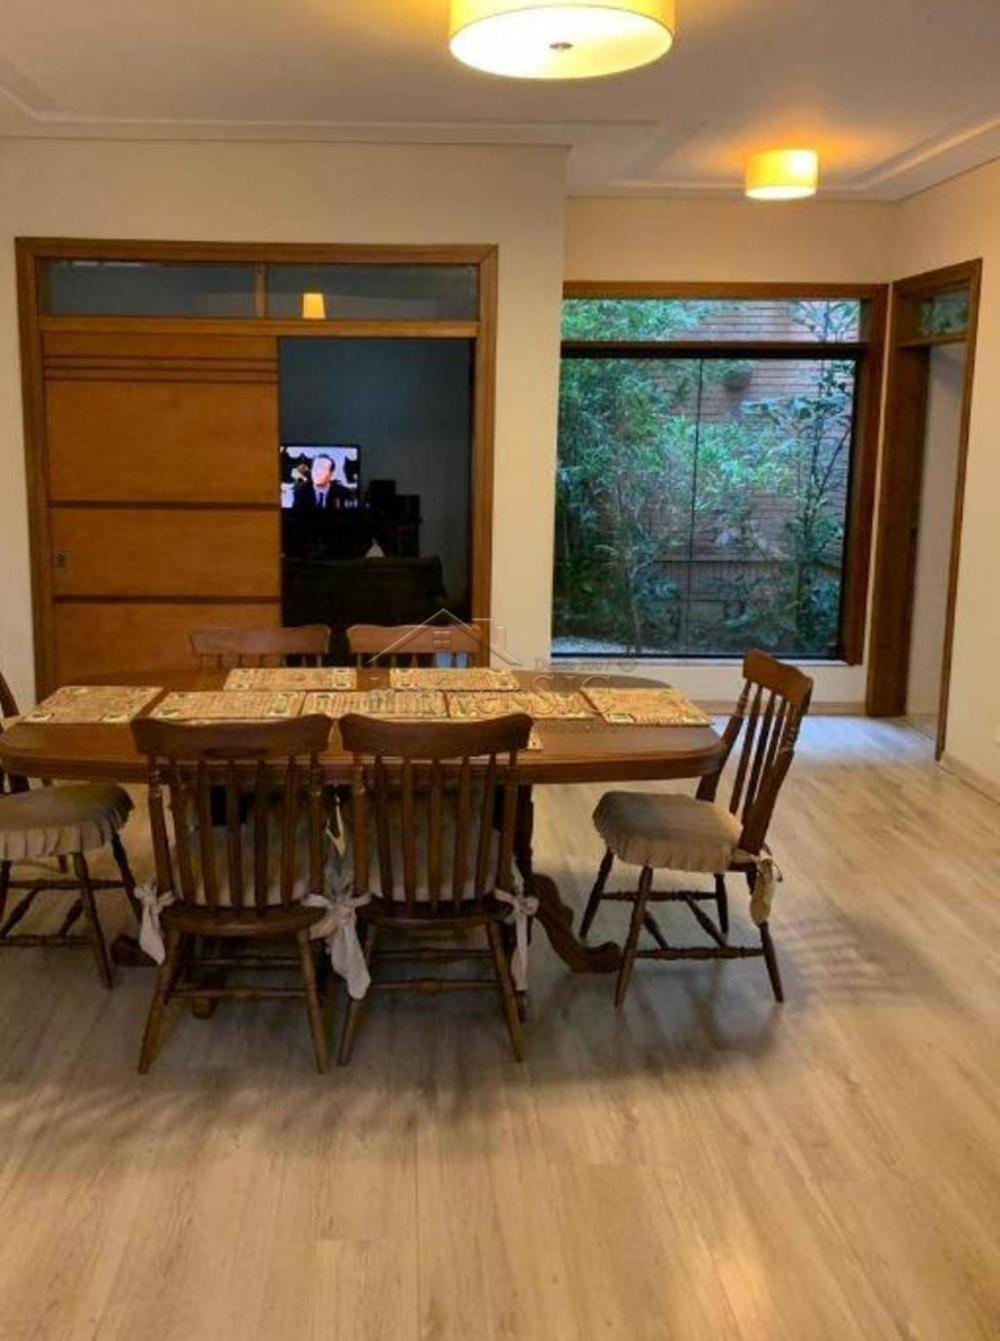 Comprar Casas / Condomínio em São José dos Campos apenas R$ 1.800.000,00 - Foto 2